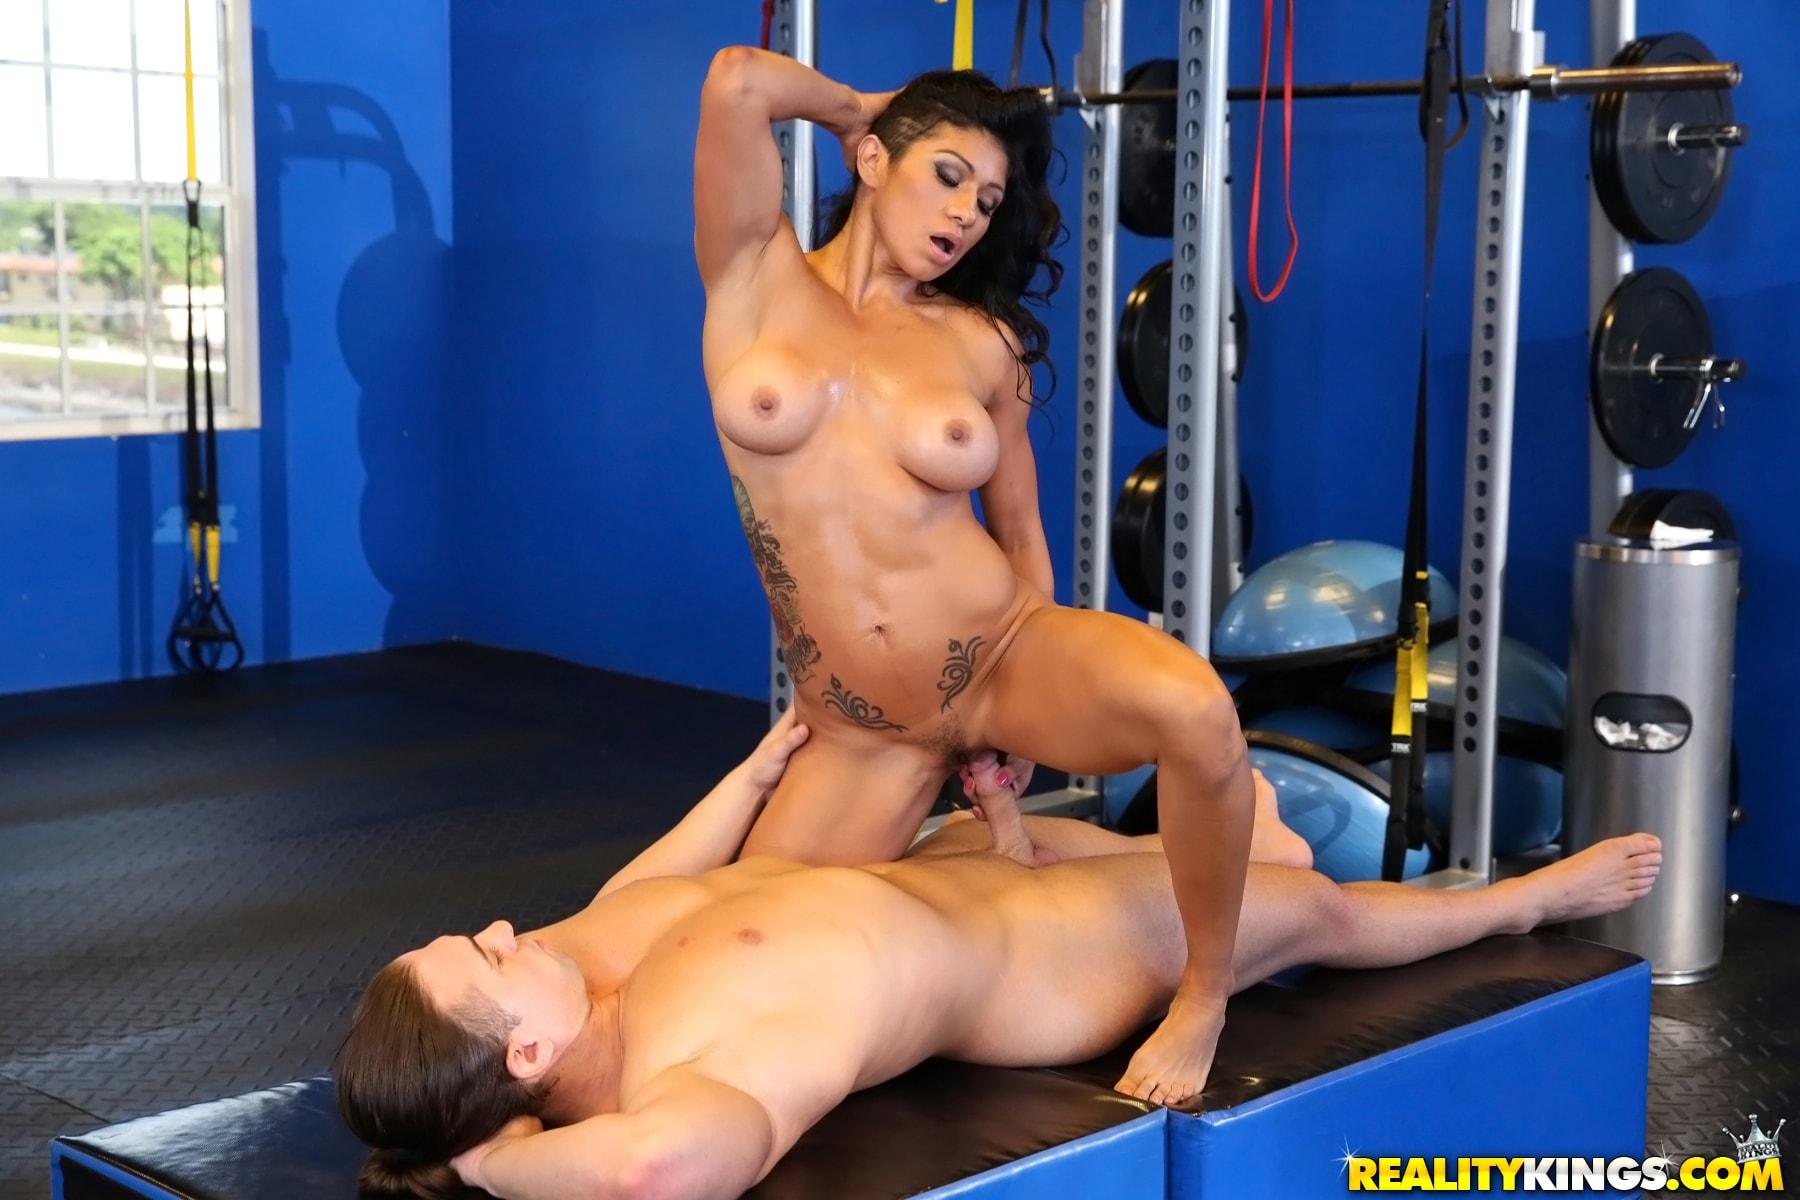 Секс на тринировке, Порно С тренером -видео. Смотреть порно онлайн! 4 фотография